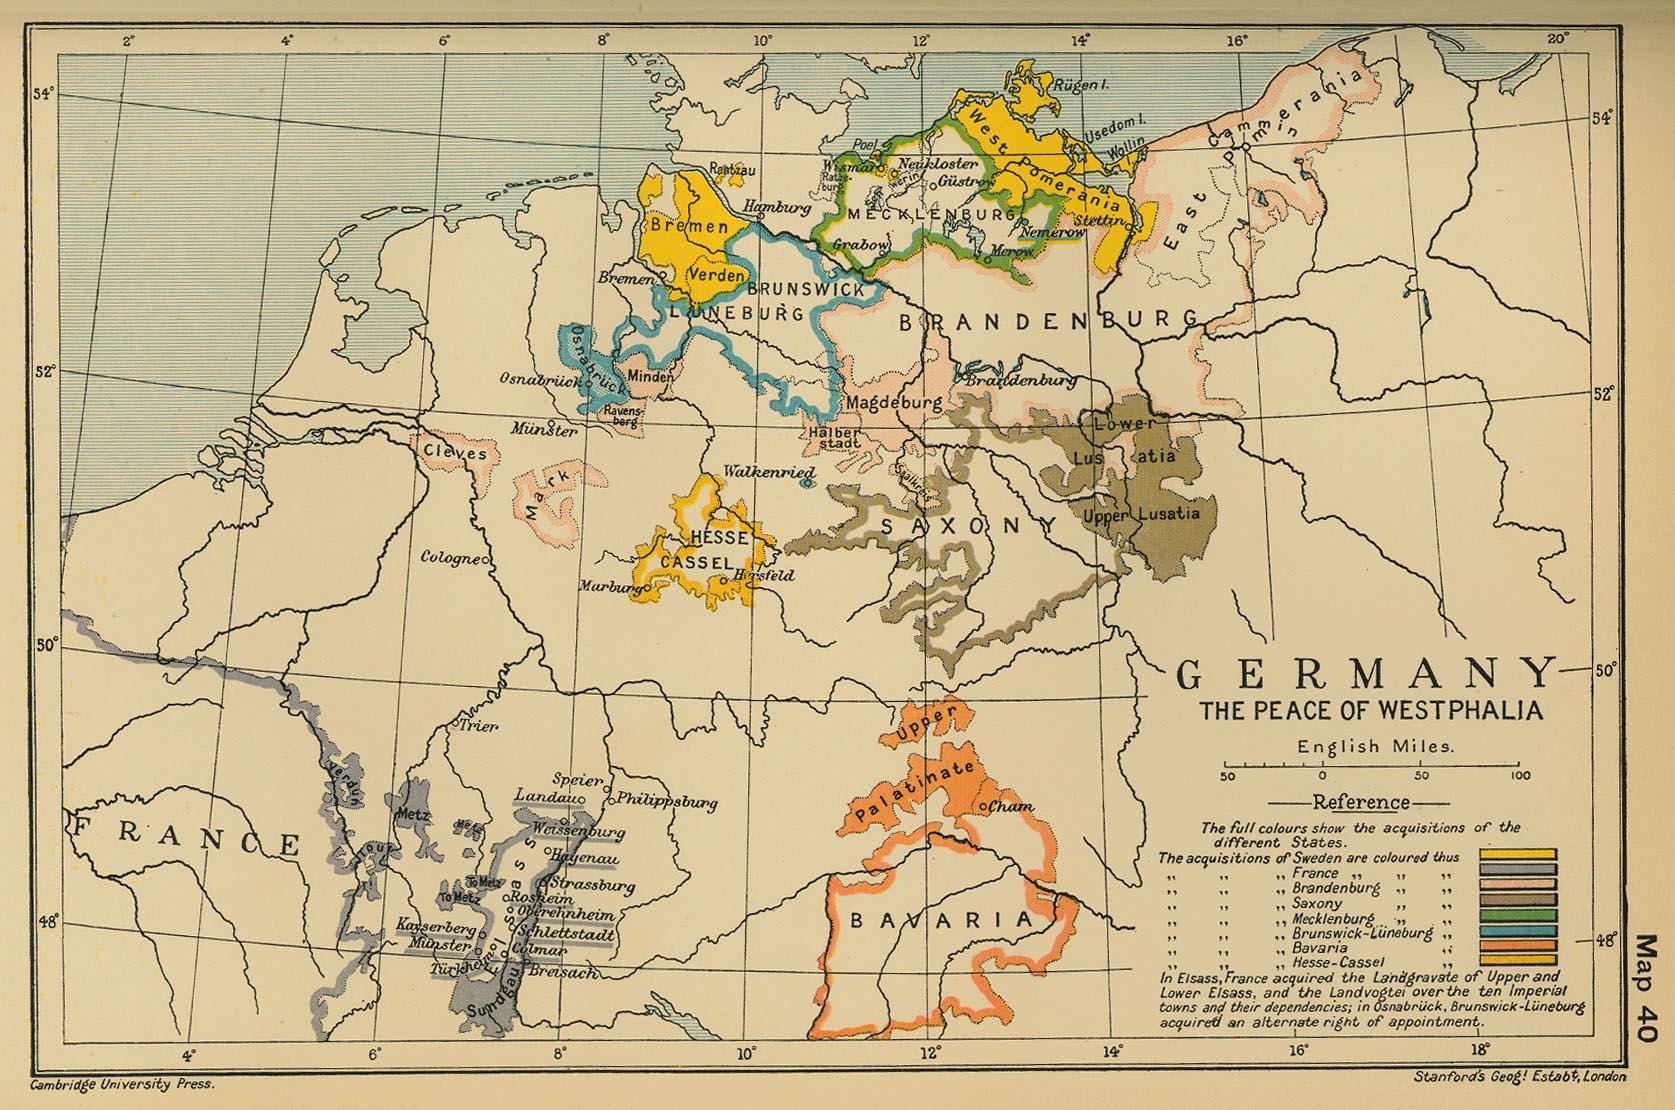 Mapa de Alemania: La Paz de Westfalia 1648